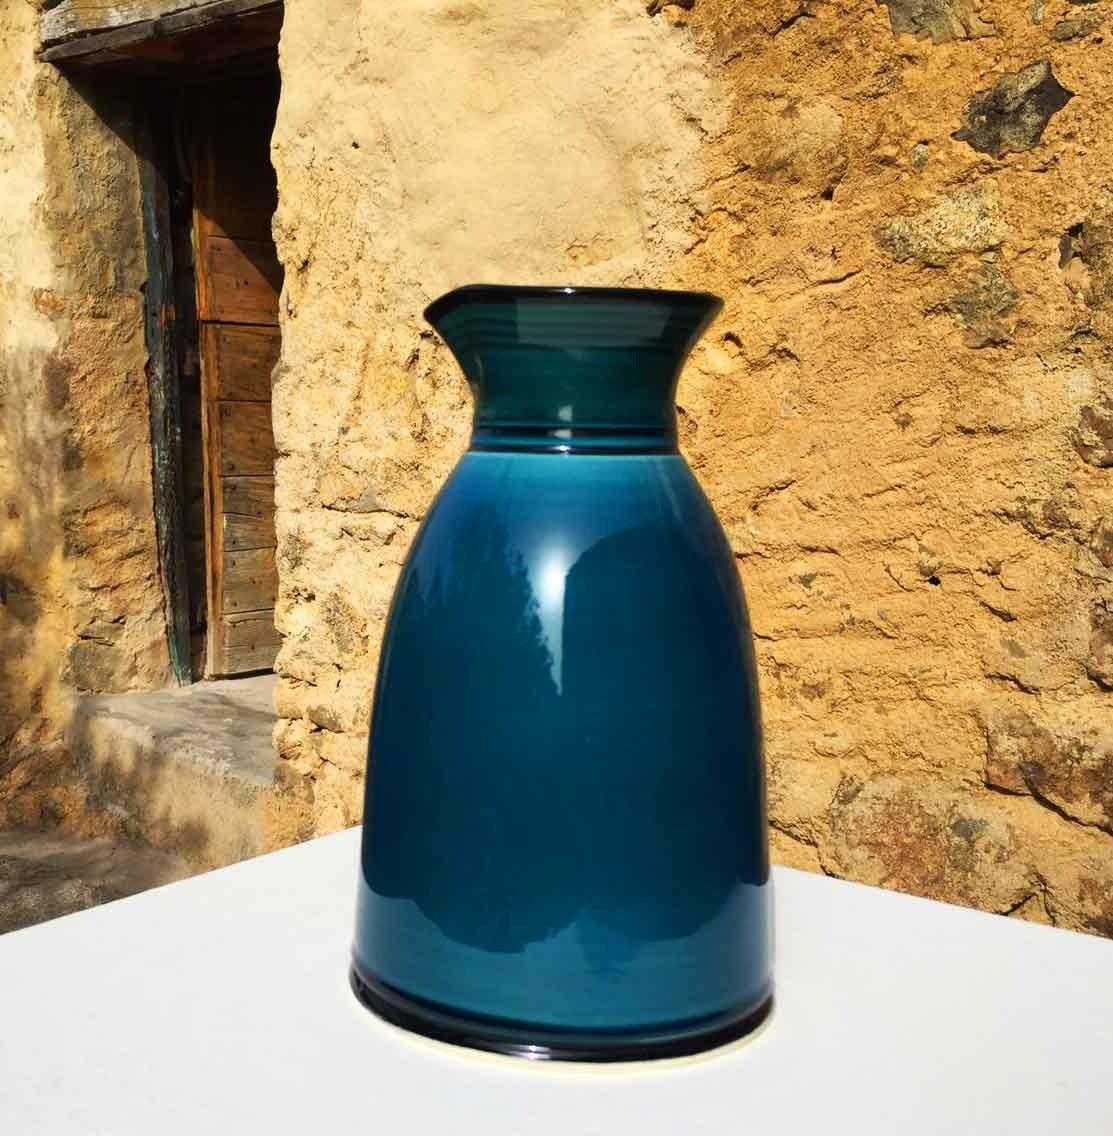 33-pichet-un-quart-faience-bleu